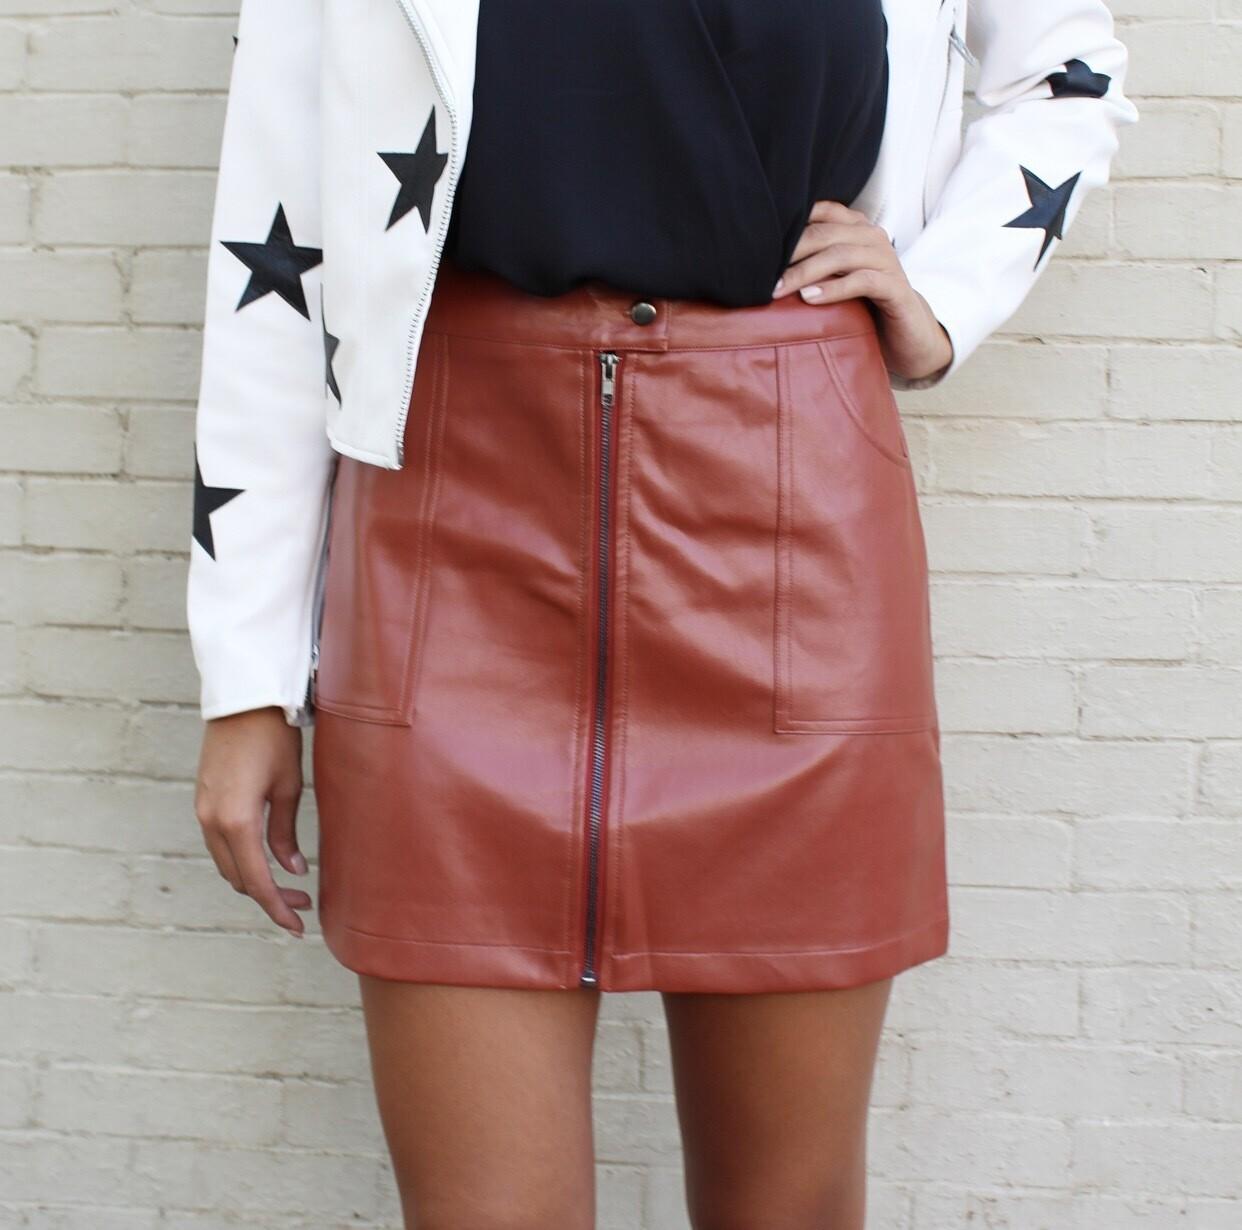 Camel Zipper Skirt